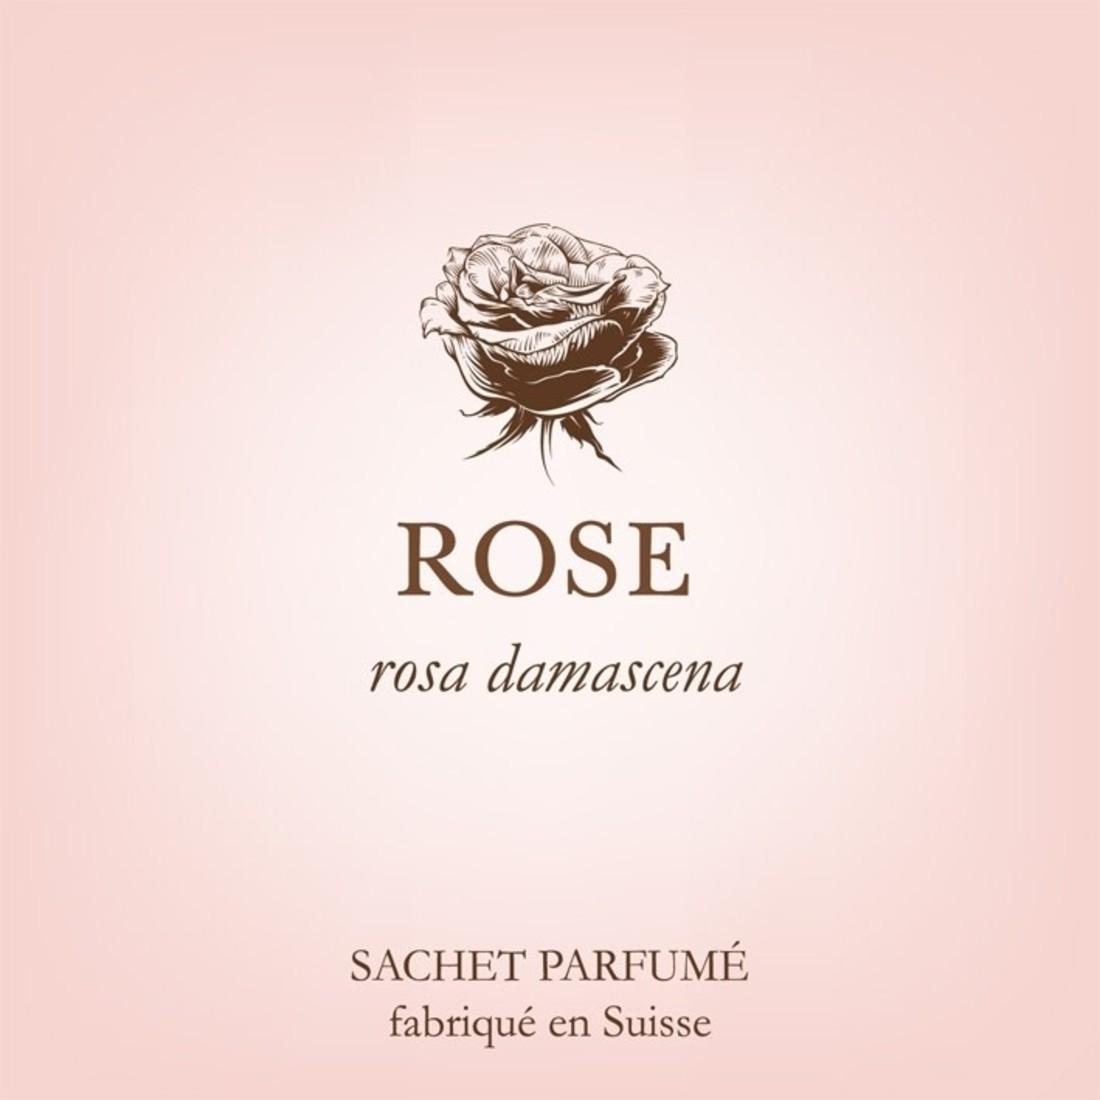 Duftsachet - Rose